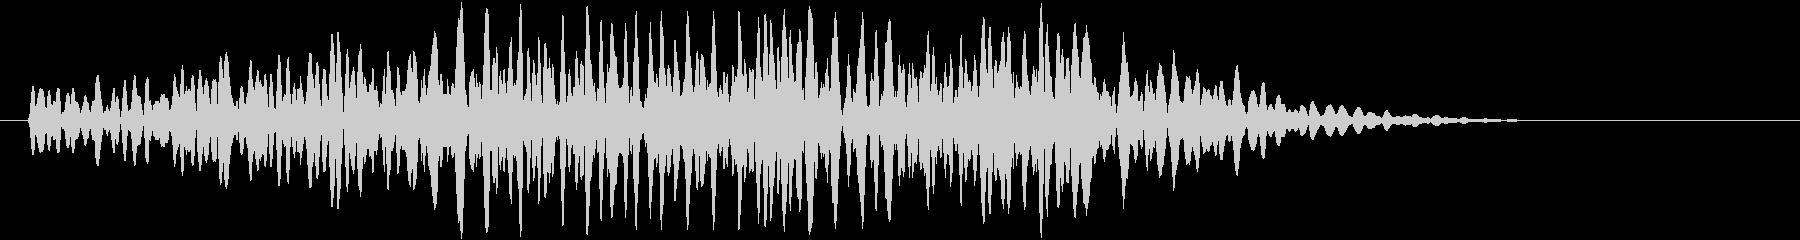 グォォッ(モンスター、鳴き声、唸り声)の未再生の波形